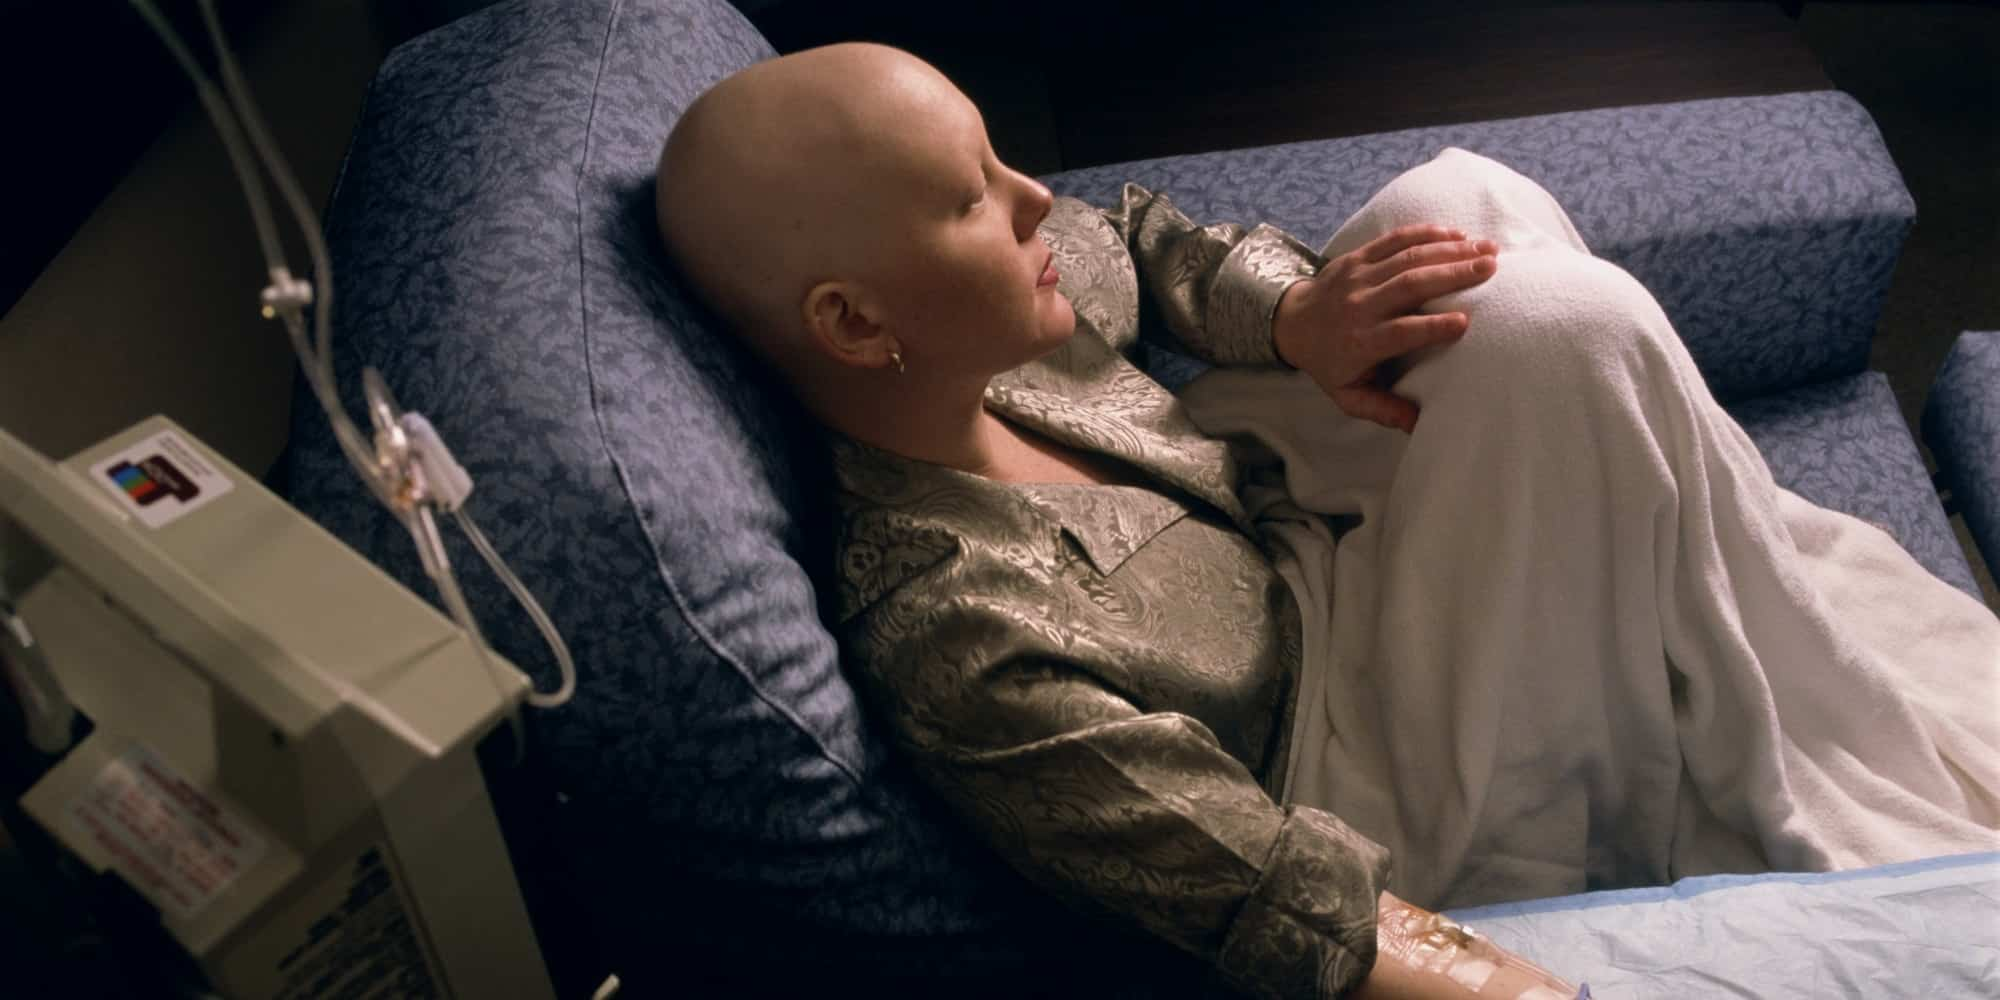 Смертность от рака в России: какие виды рака в России встречаются чаще всего, причины возникновения